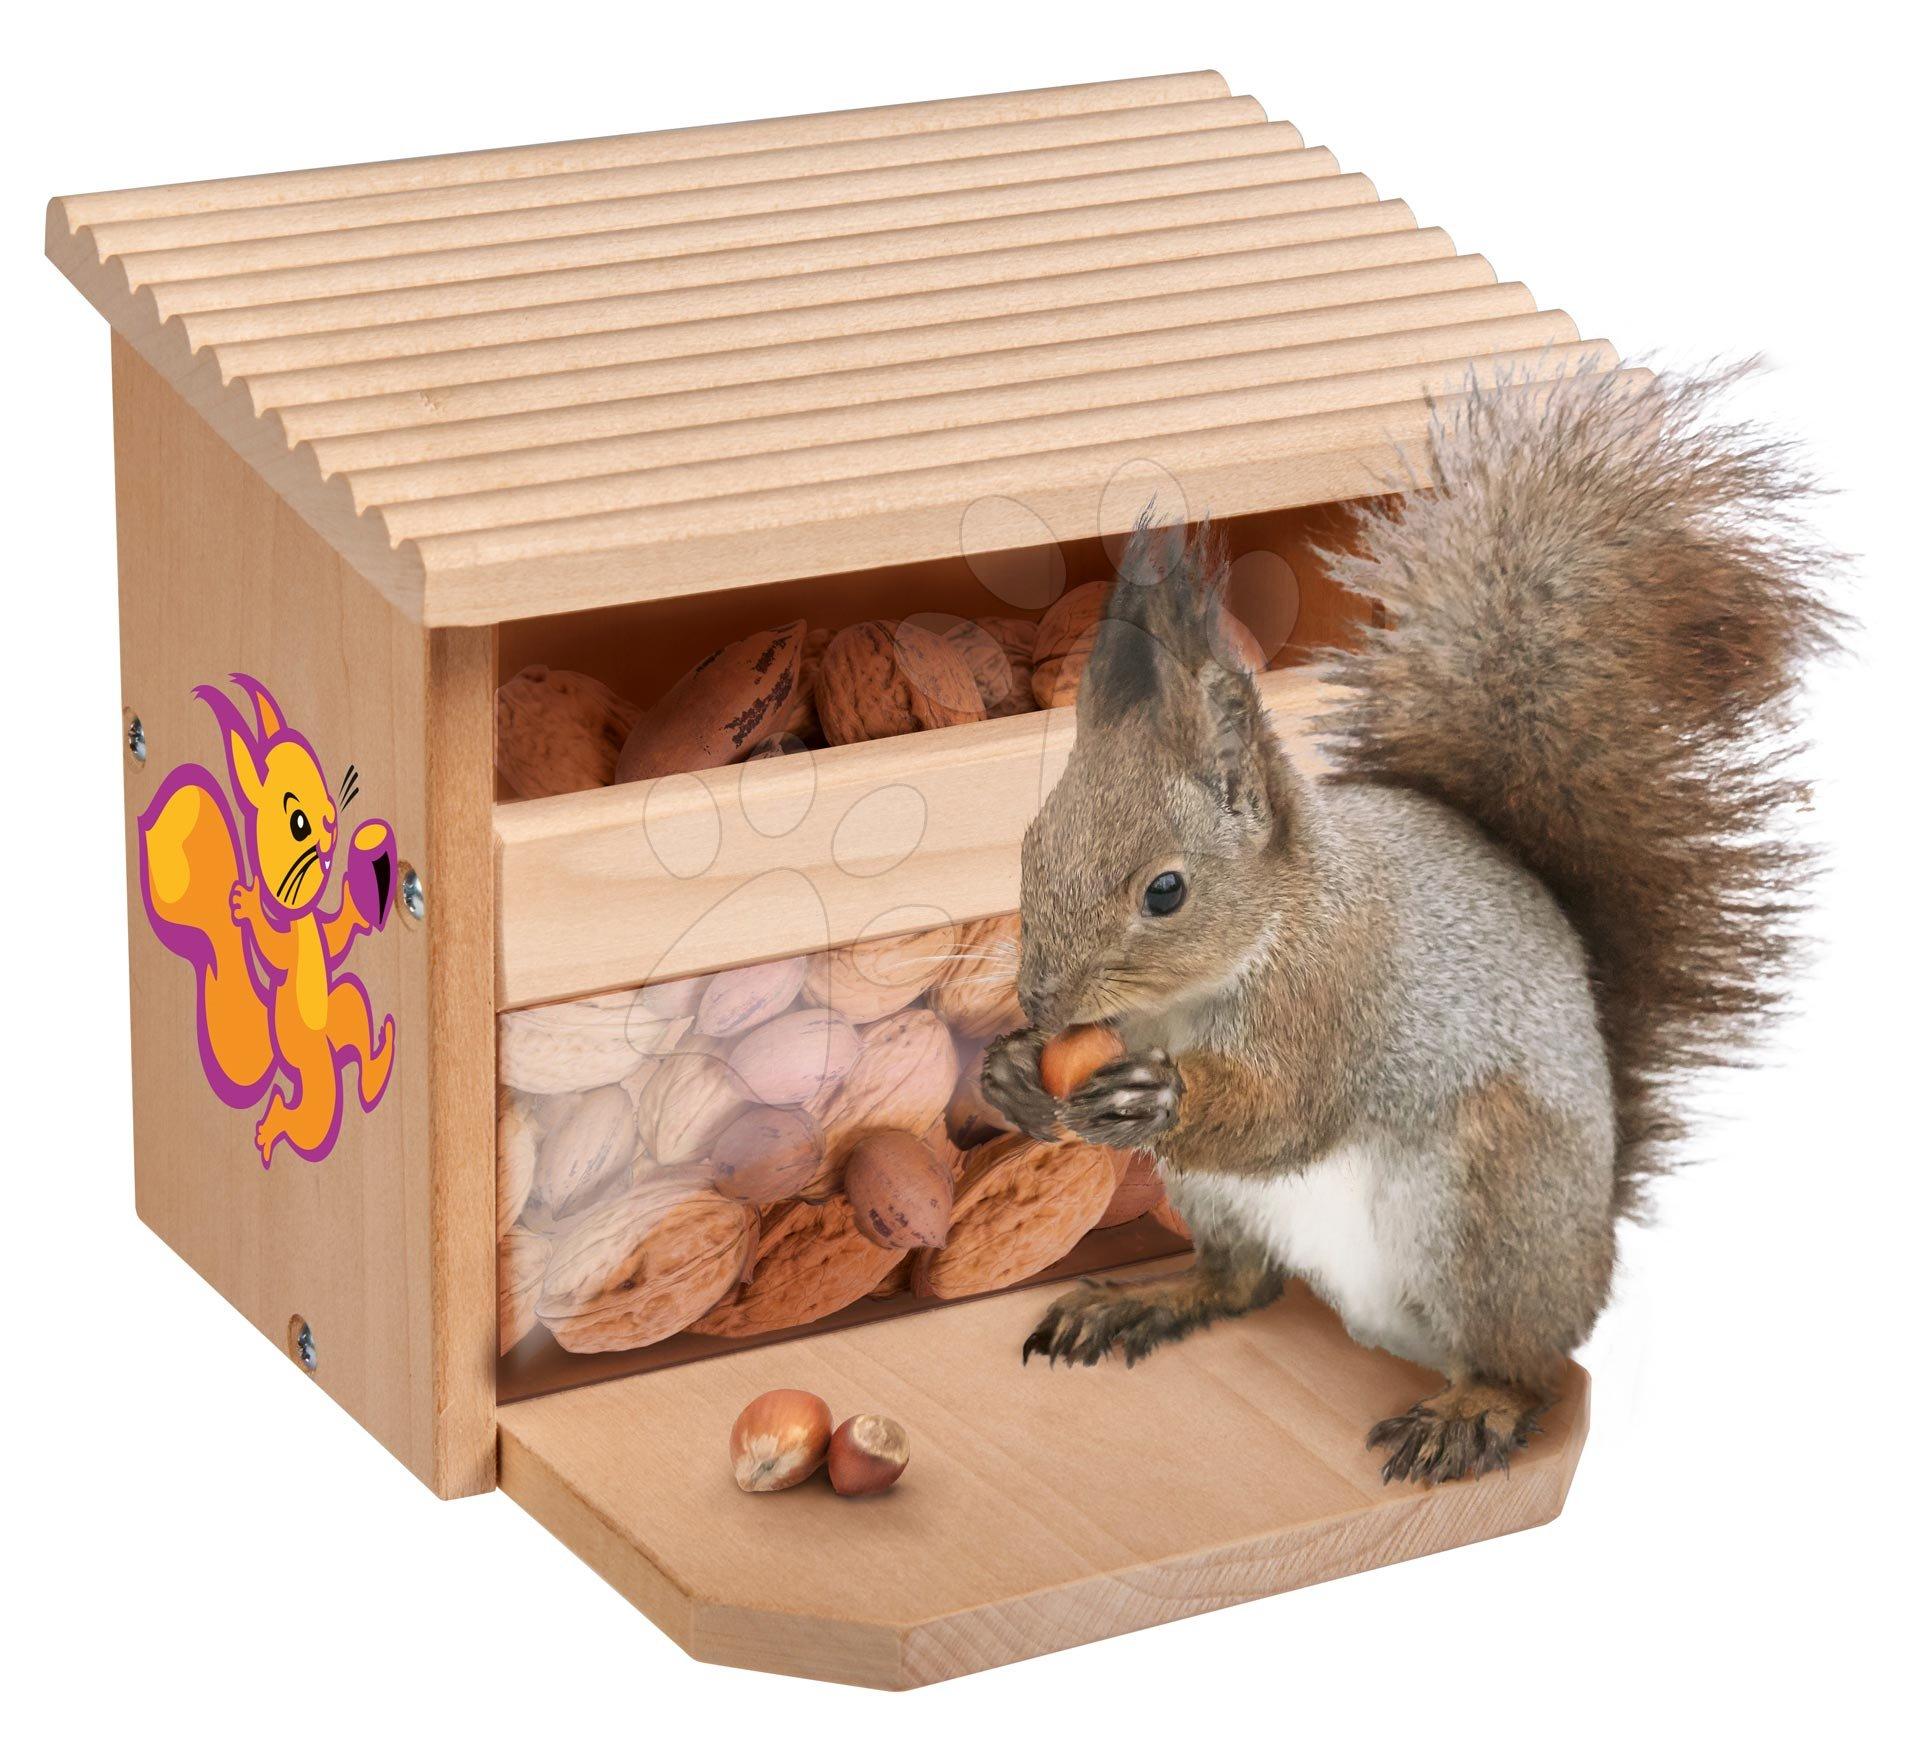 Drevené kŕmidlo pre veveričku Outdoor Feeding Squirell House Eichhorn 'poskladaj a vymaľuj' s farbičkami od 6 rokov